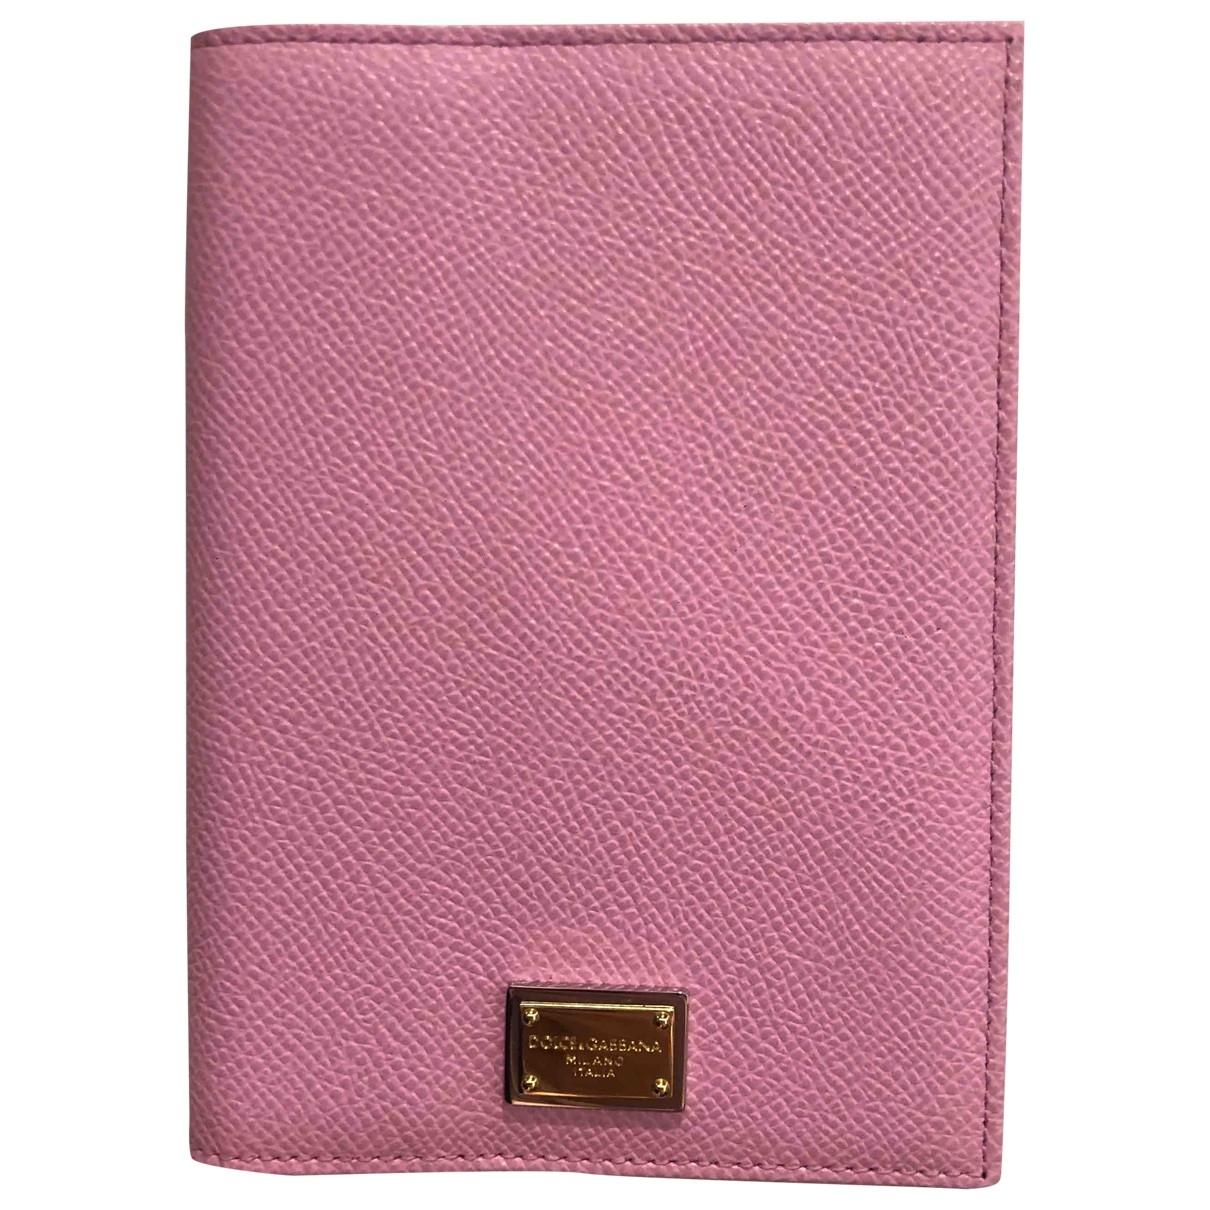 Dolce & Gabbana - Petite maroquinerie   pour femme en cuir - rose